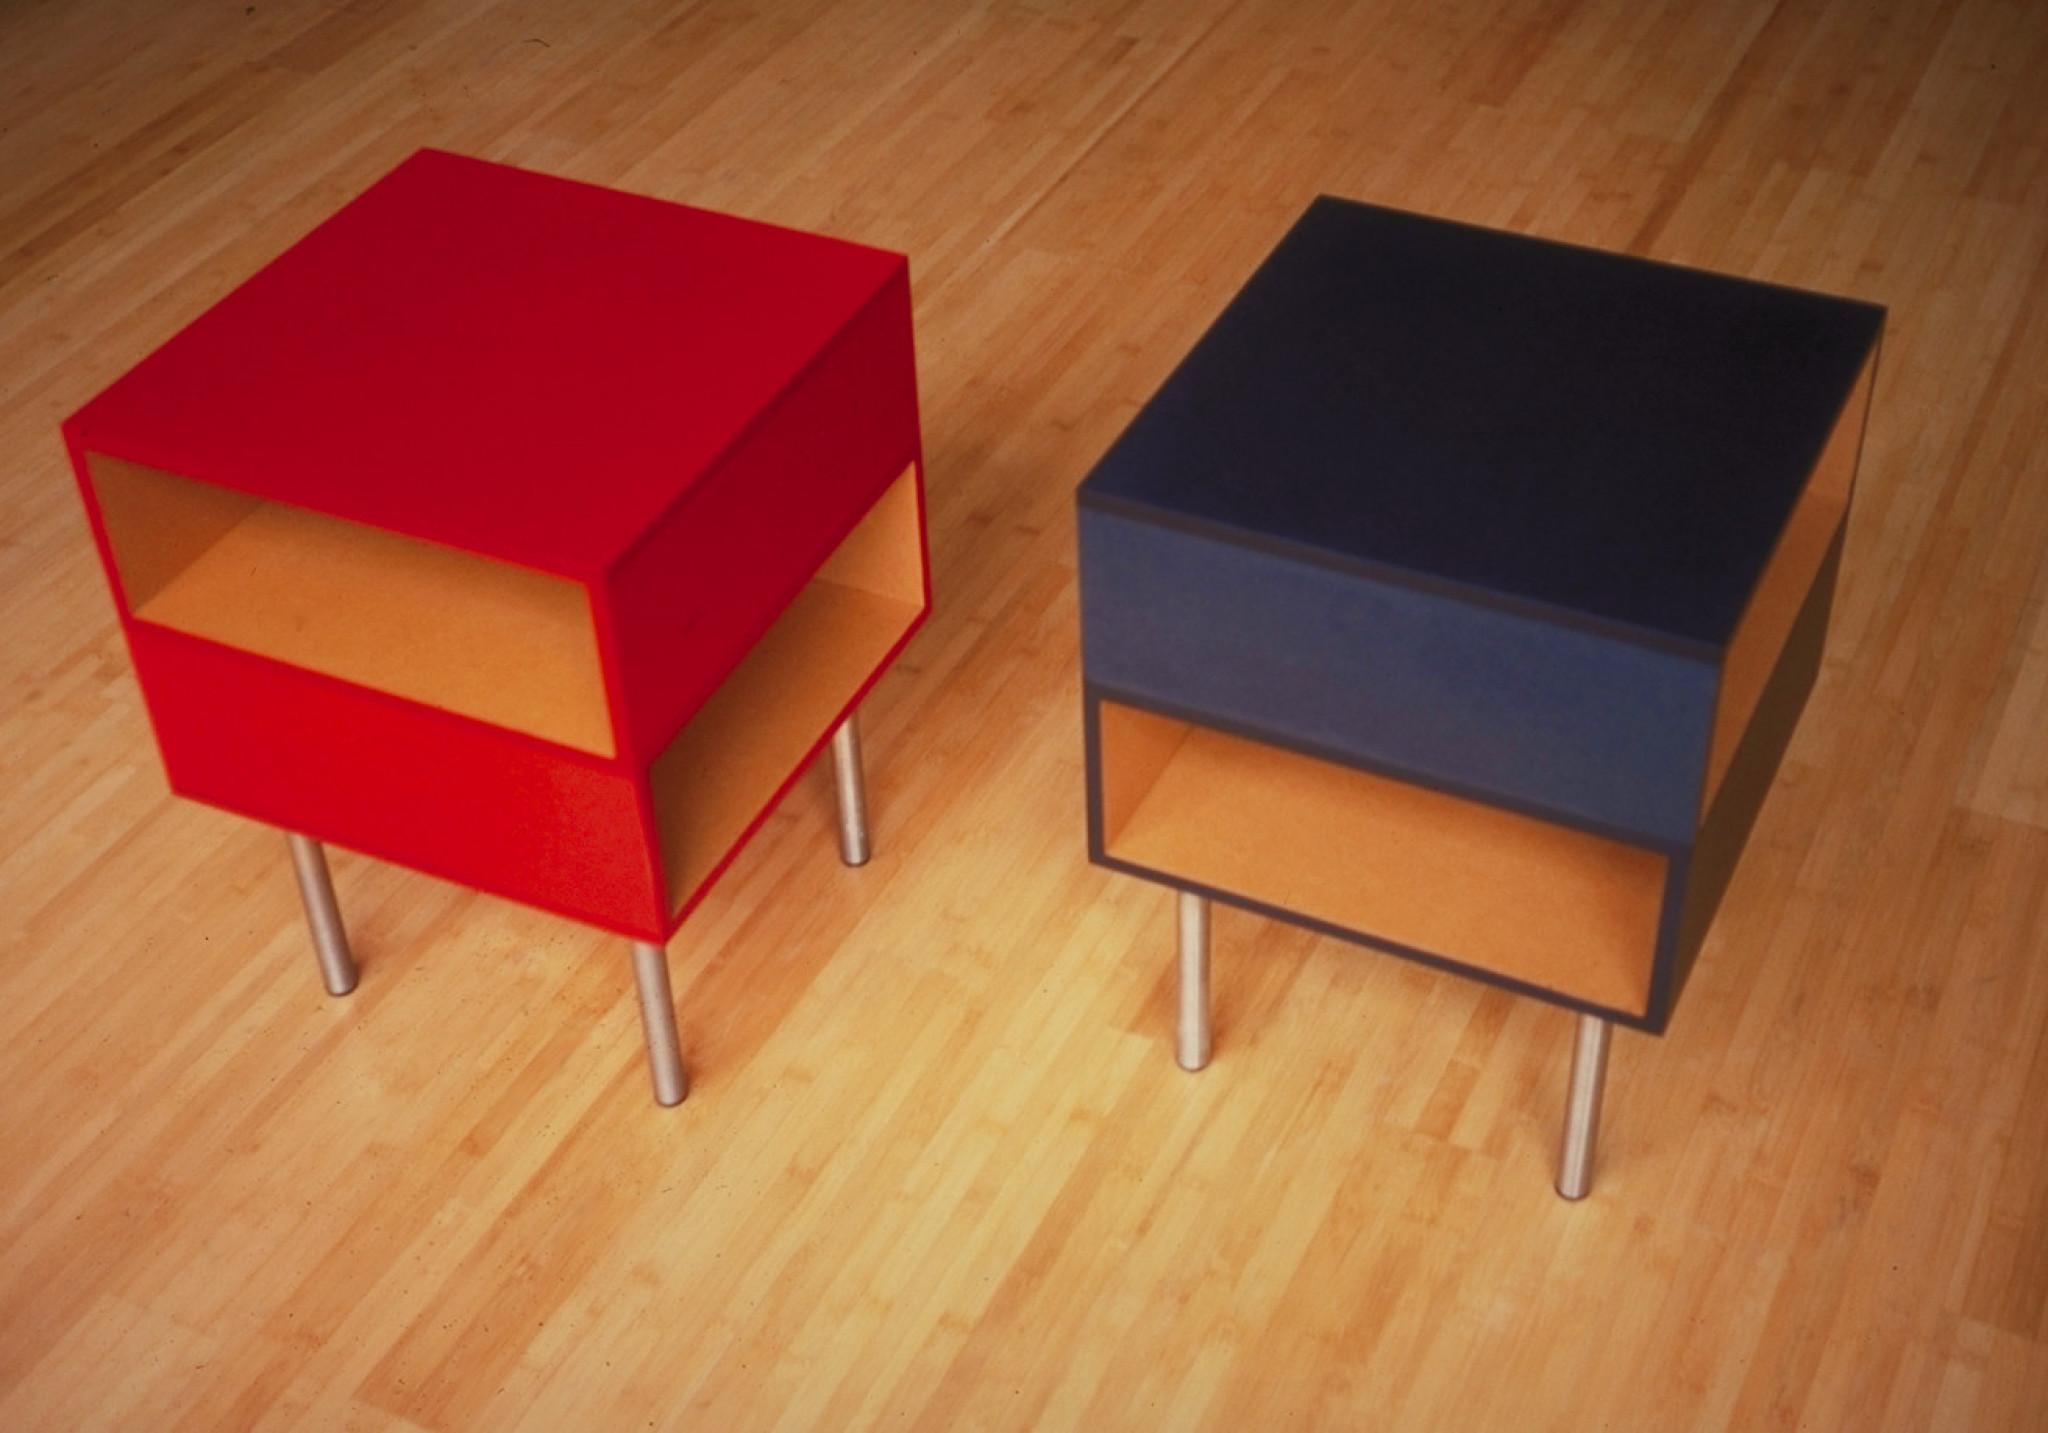 De Ontwerpwerkplaats, Gijs Niemeijer, Floor van Ditzhuyzen, Klein Meubilair, meubelontwerp, meubelontwerper, interieur ontwerper, meubilair, ,